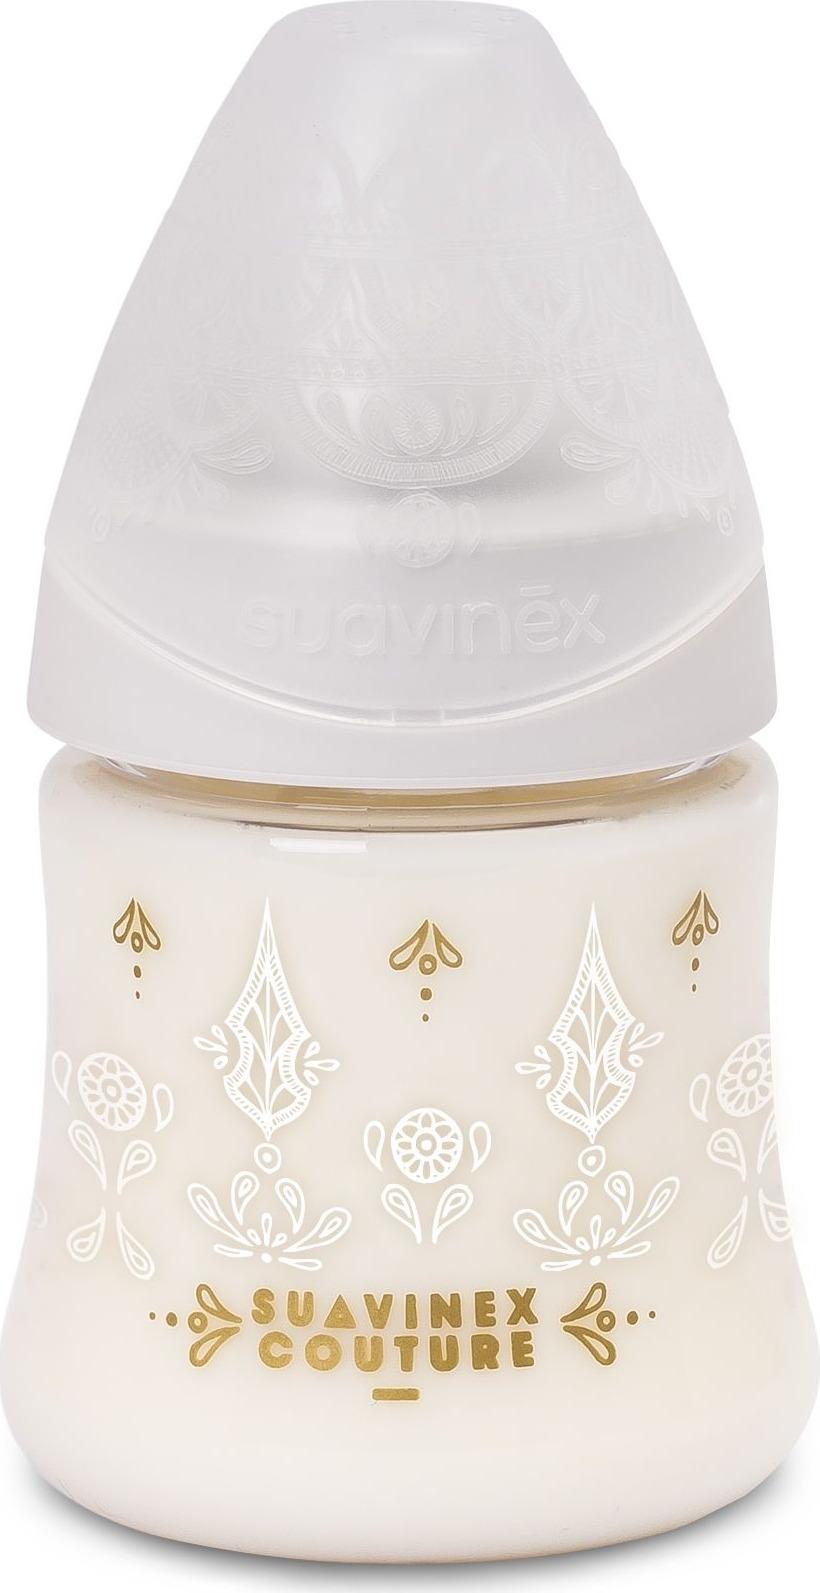 Бутылочка для кормления Suavinex Haute Couture, от 0 месяцев, с силиконовой круглой соской, 3162101, белый, 150 мл avent бутылочка для кормления 125 мл